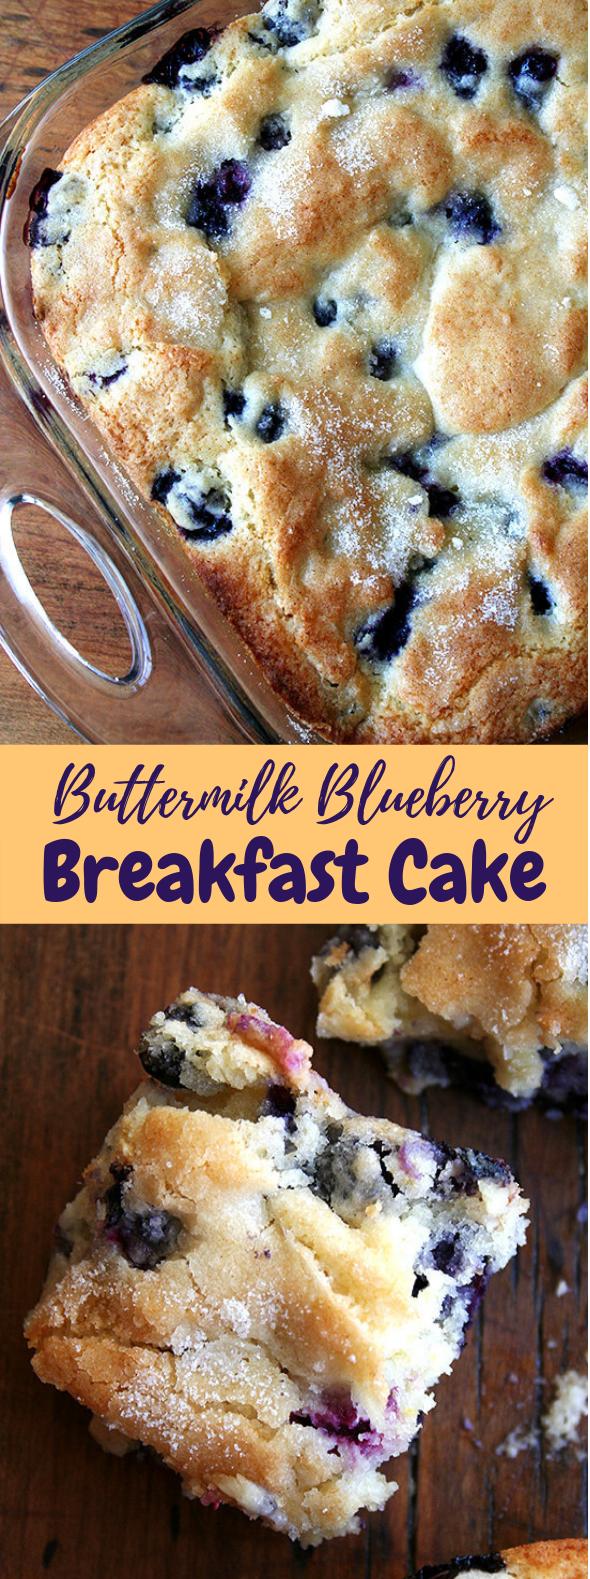 Buttermilk Blueberry Breakfast Cake #Sweet #Cakes